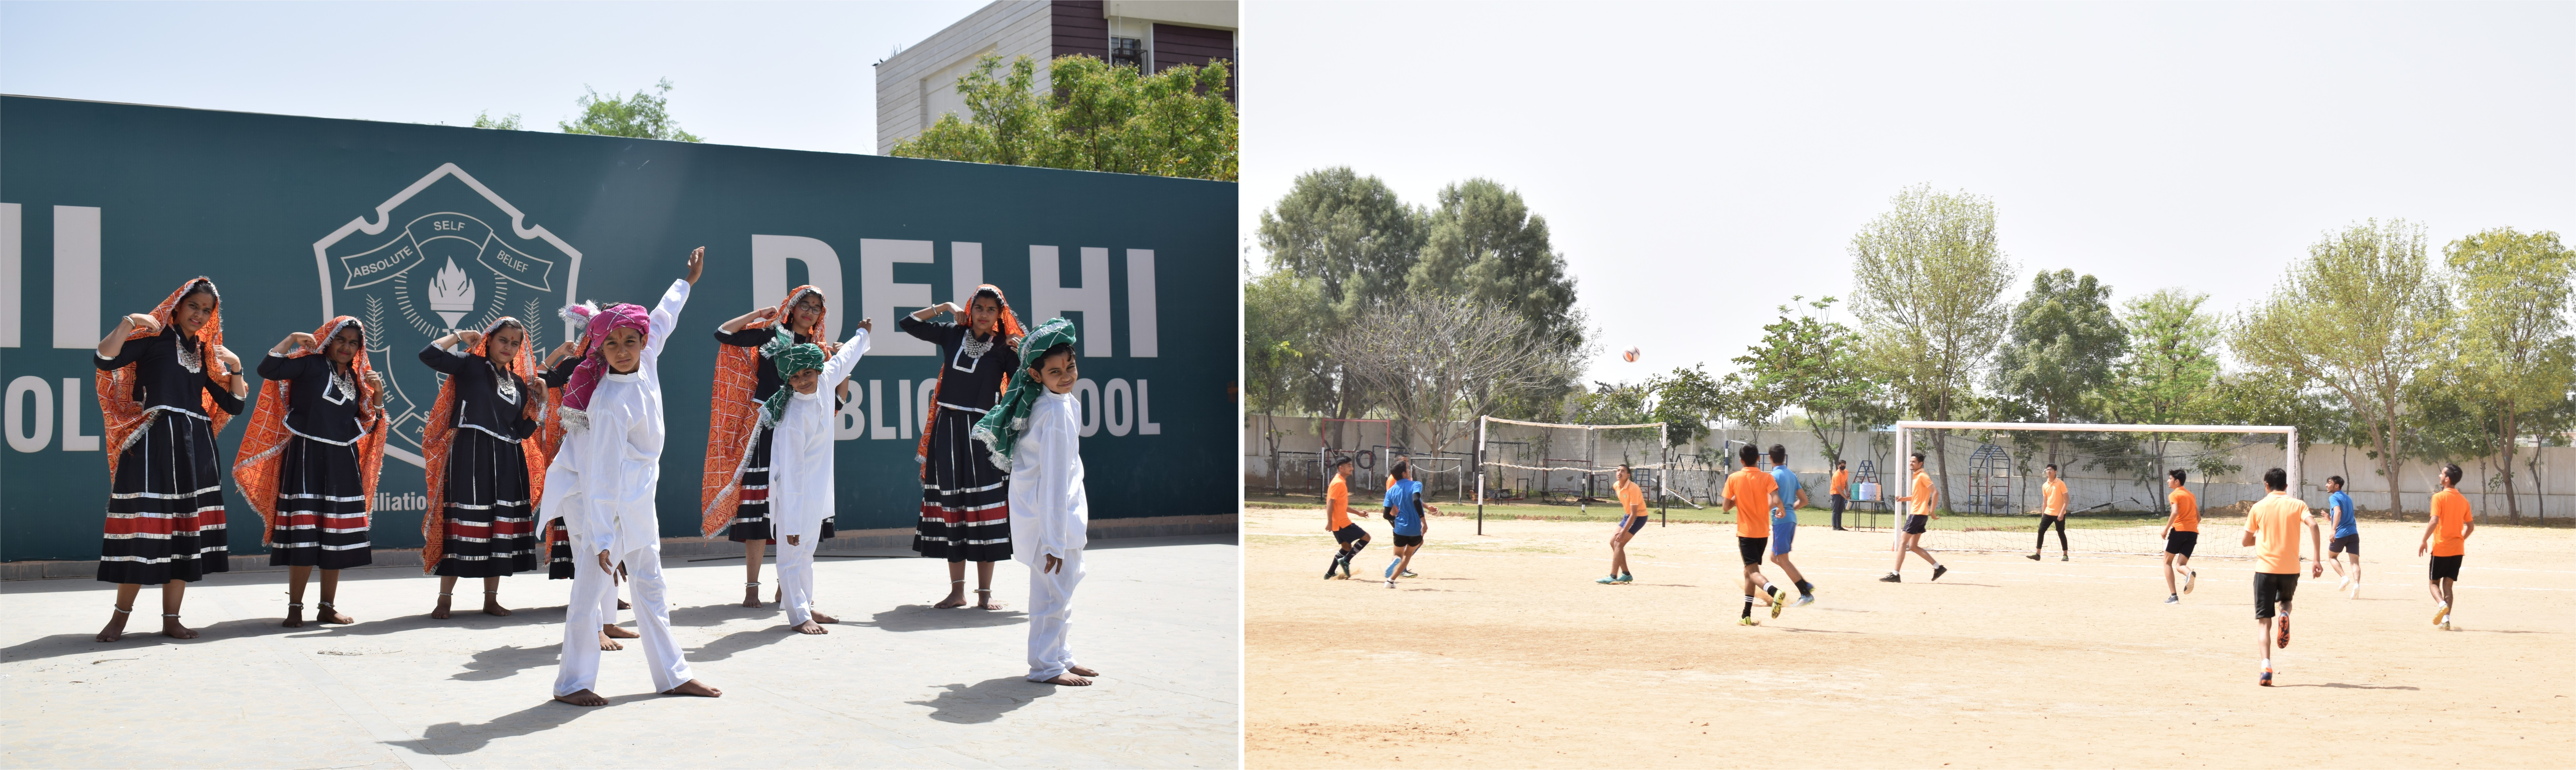 Activities & Program